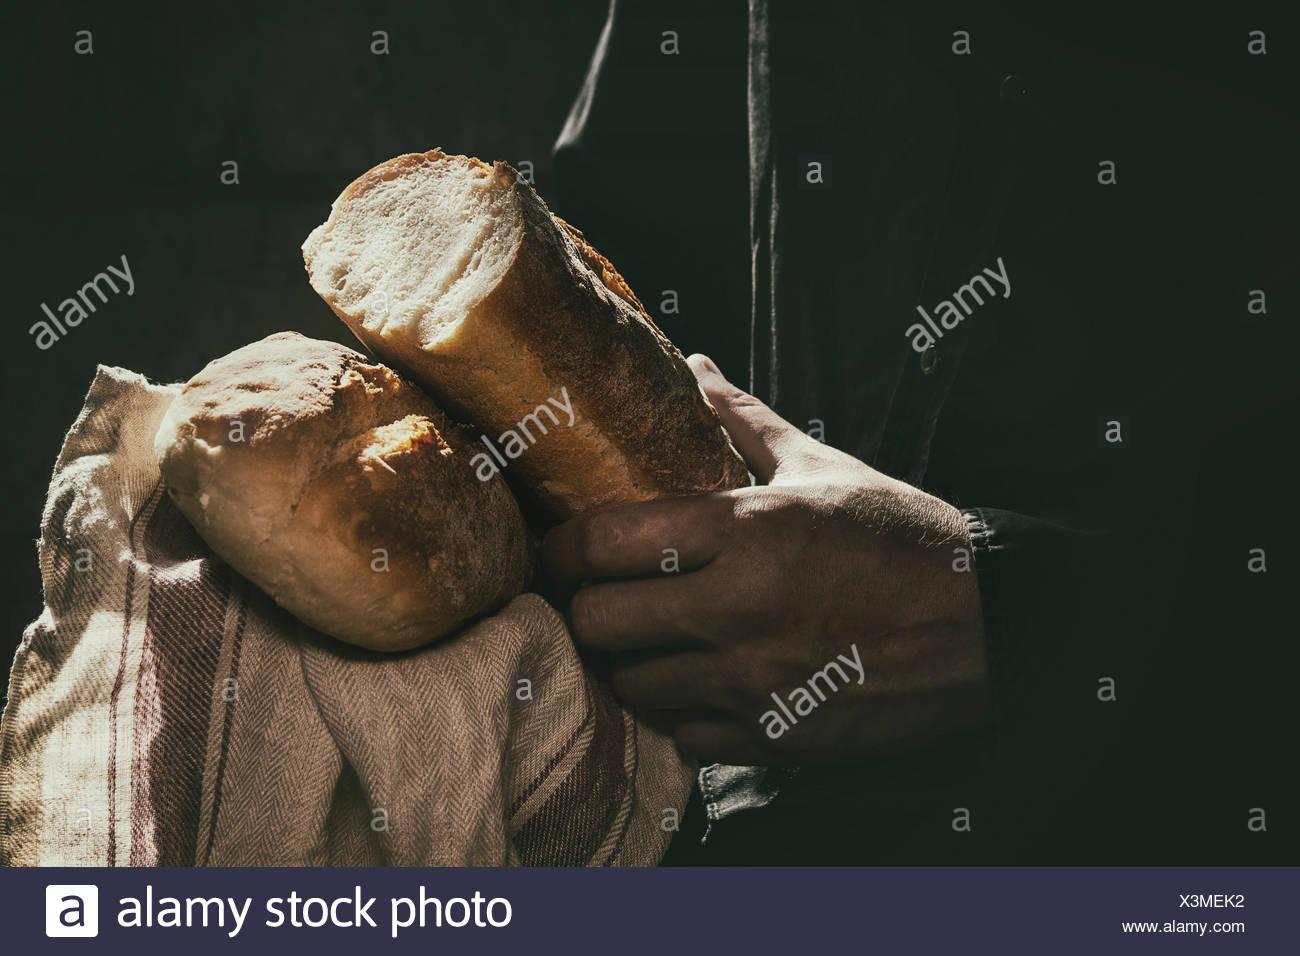 Miche de pain de blé frais entre les mains de l'homme dans le soleil. Lumière jour rustique dans une pièce sombre. Image tonique Photo Stock